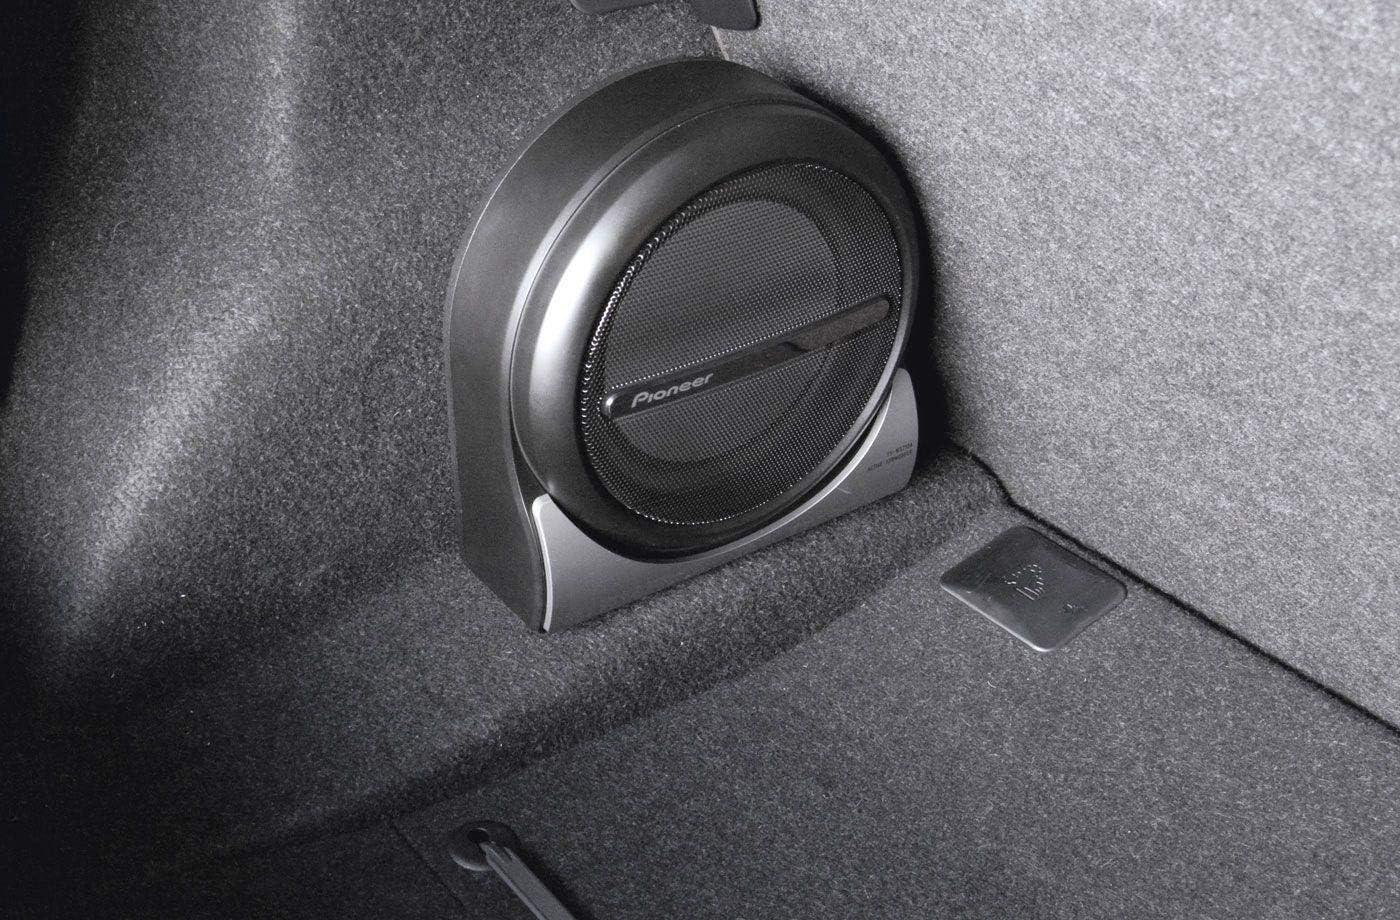 Kompakt Kraftvoll Pioneer Aktiv Subwoofer Ts Wx210a Elektronik